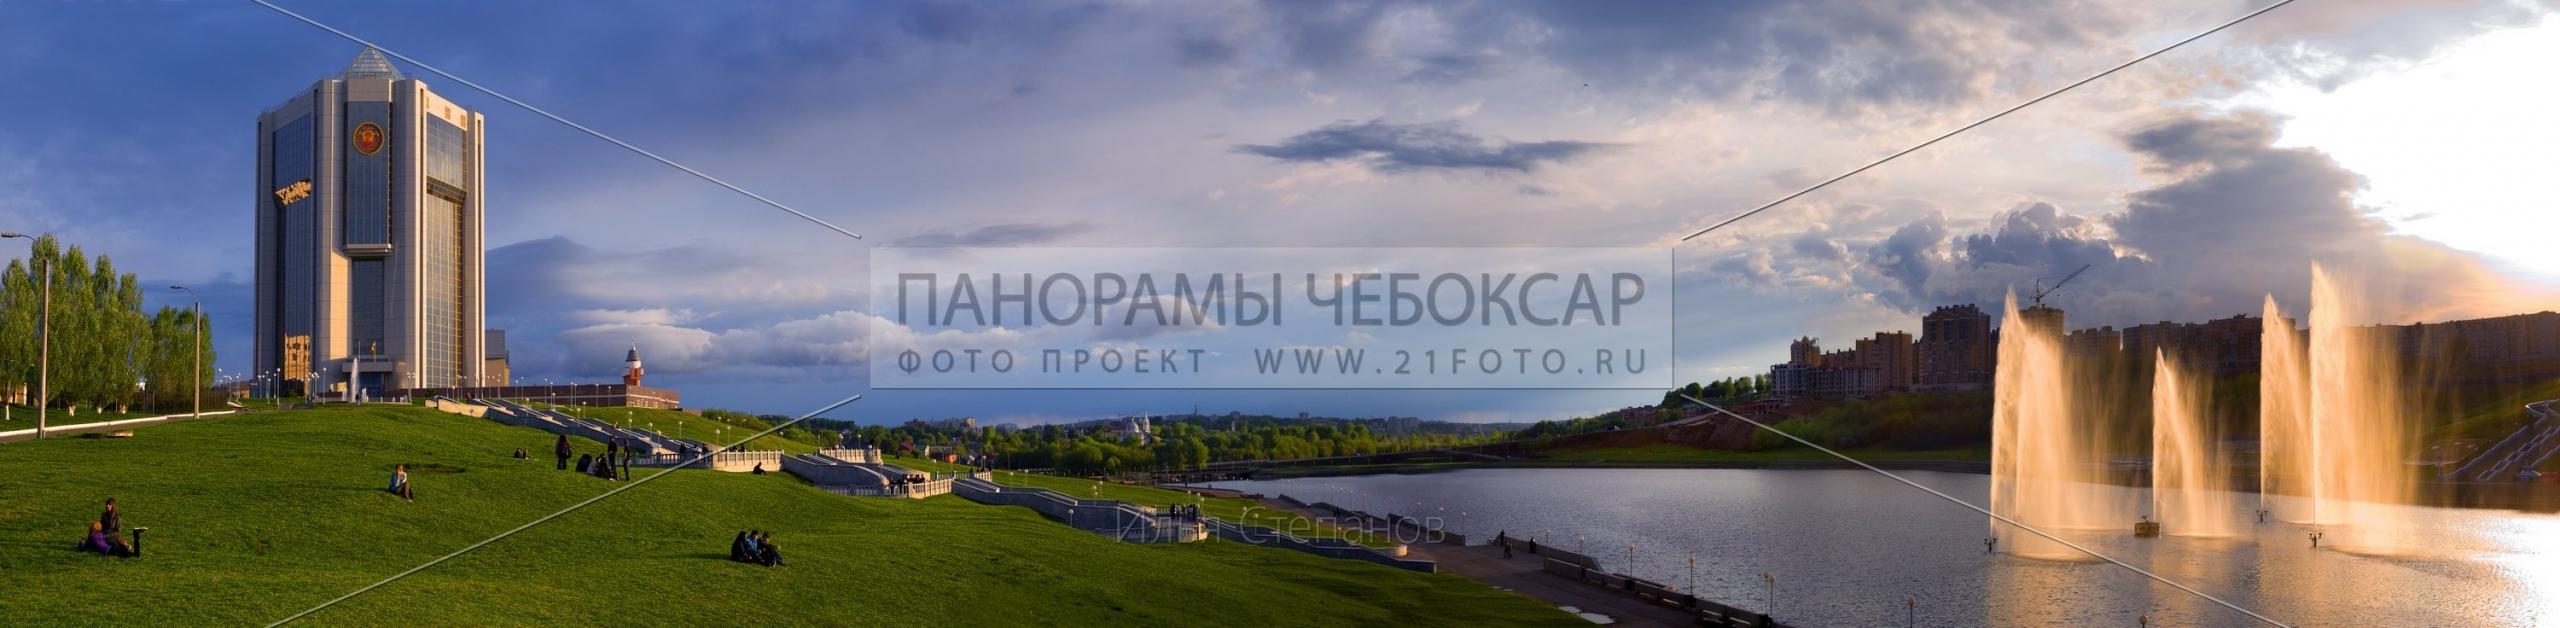 Вечернее — Илья Степанов — Чебоксары